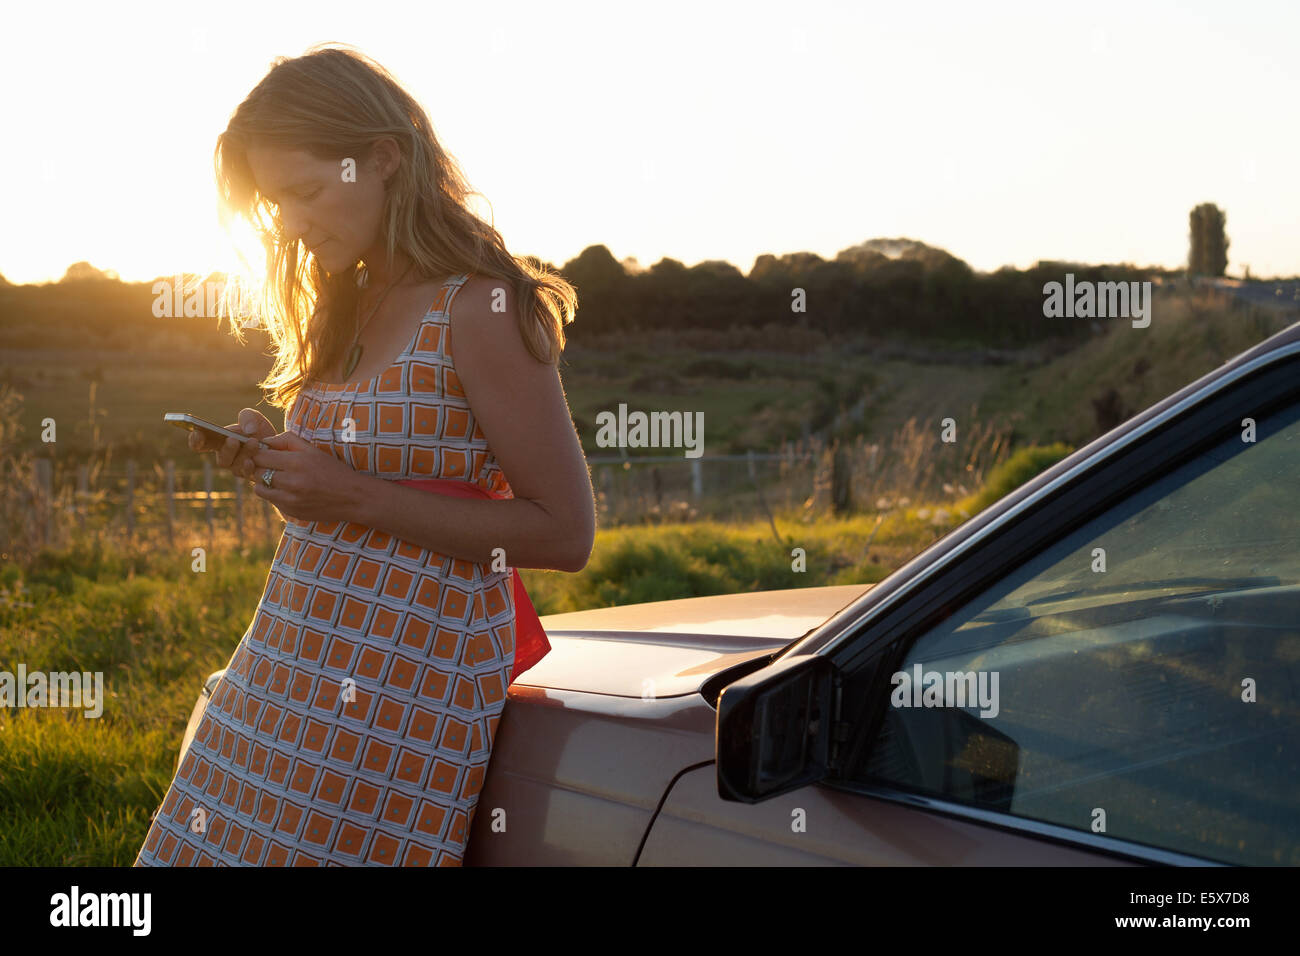 Metà donna adulta appoggiata contro auto texting sullo smartphone Immagini Stock